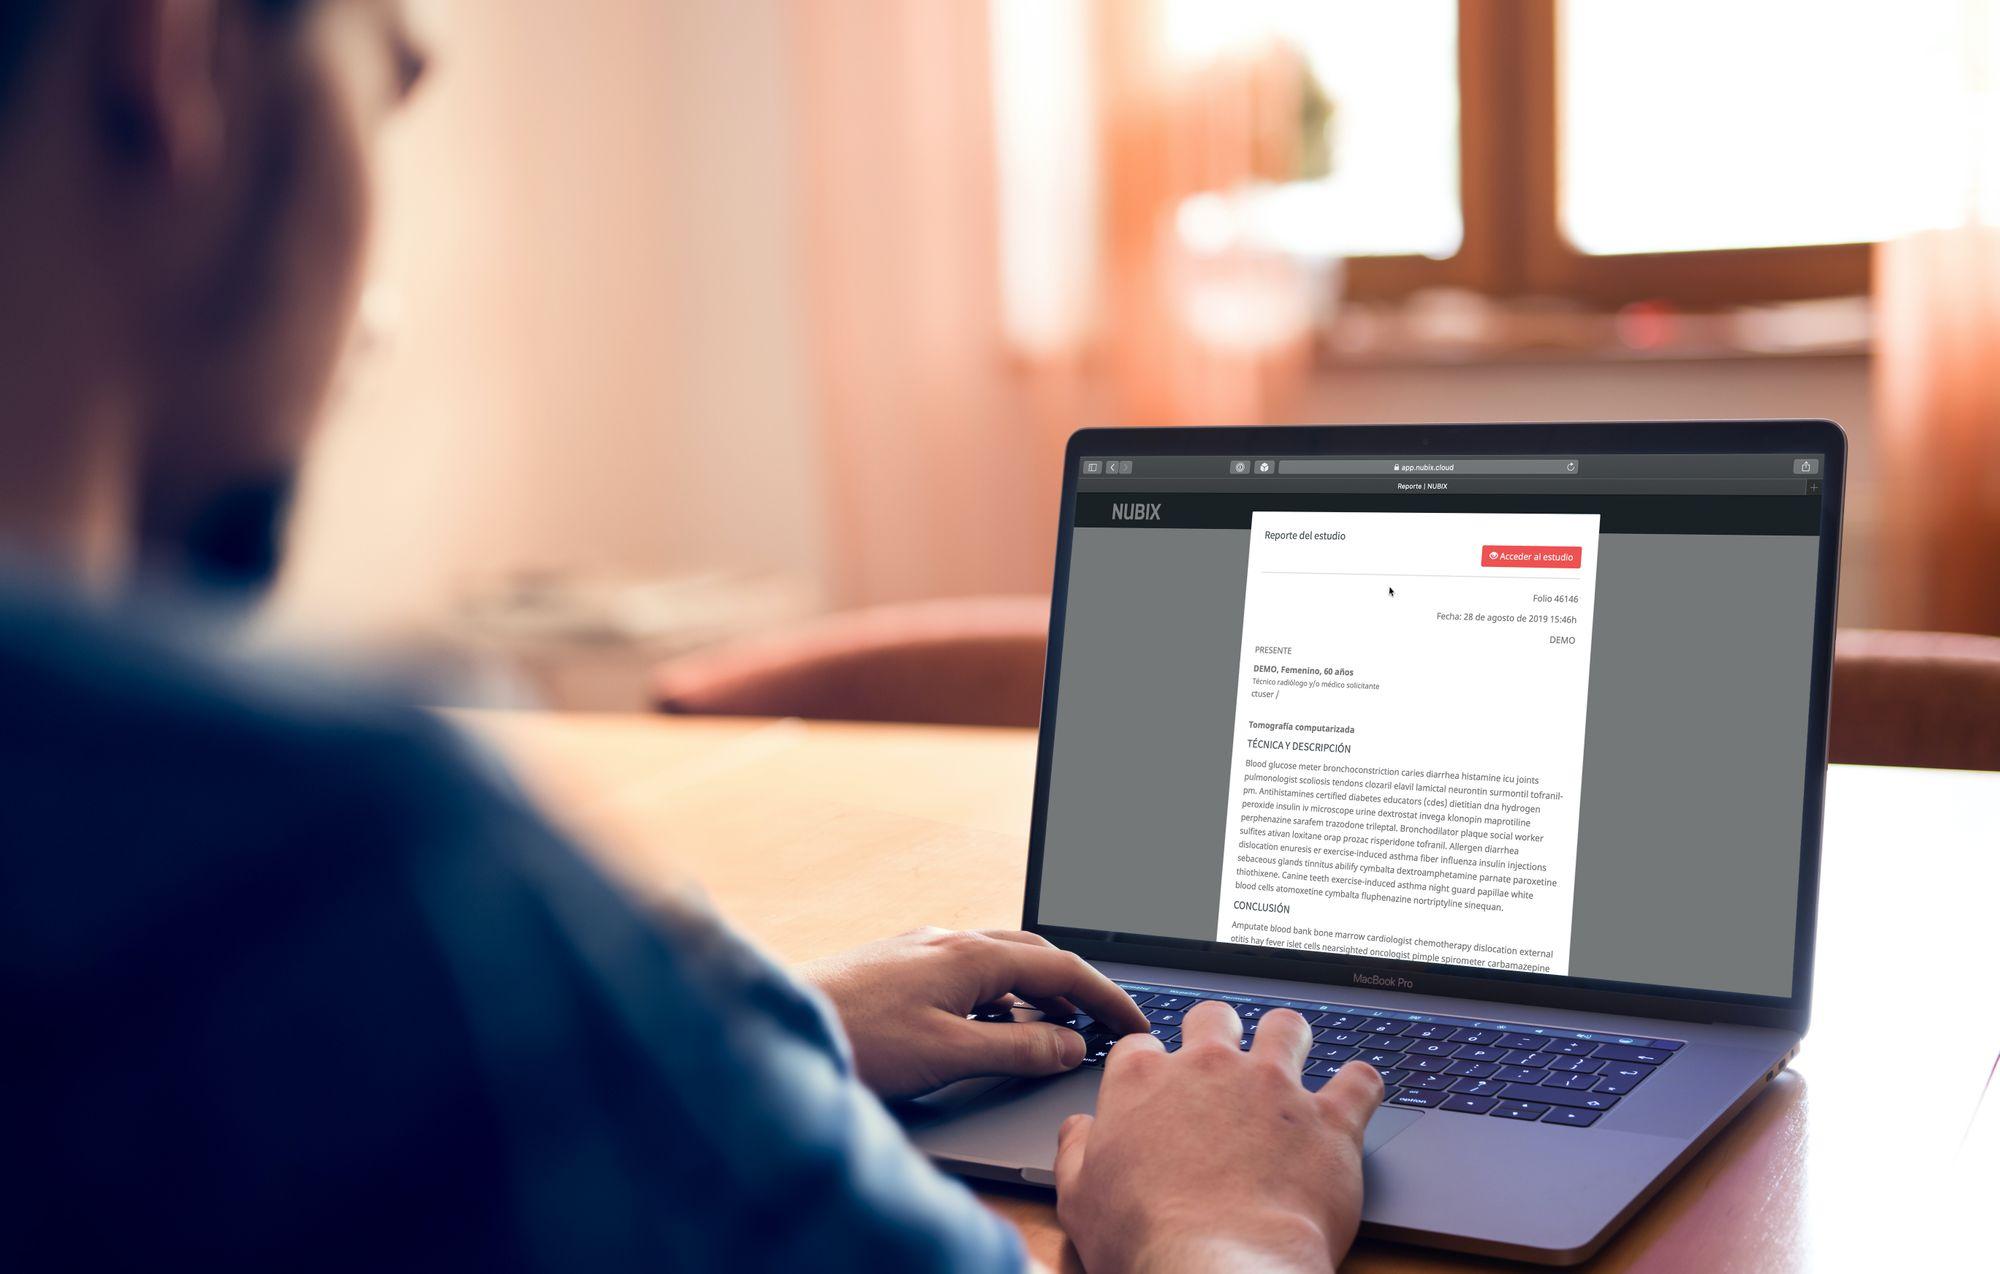 ¿Su proveedor de almacenamiento de estudios (PACS) ofrece soporte 24/7?